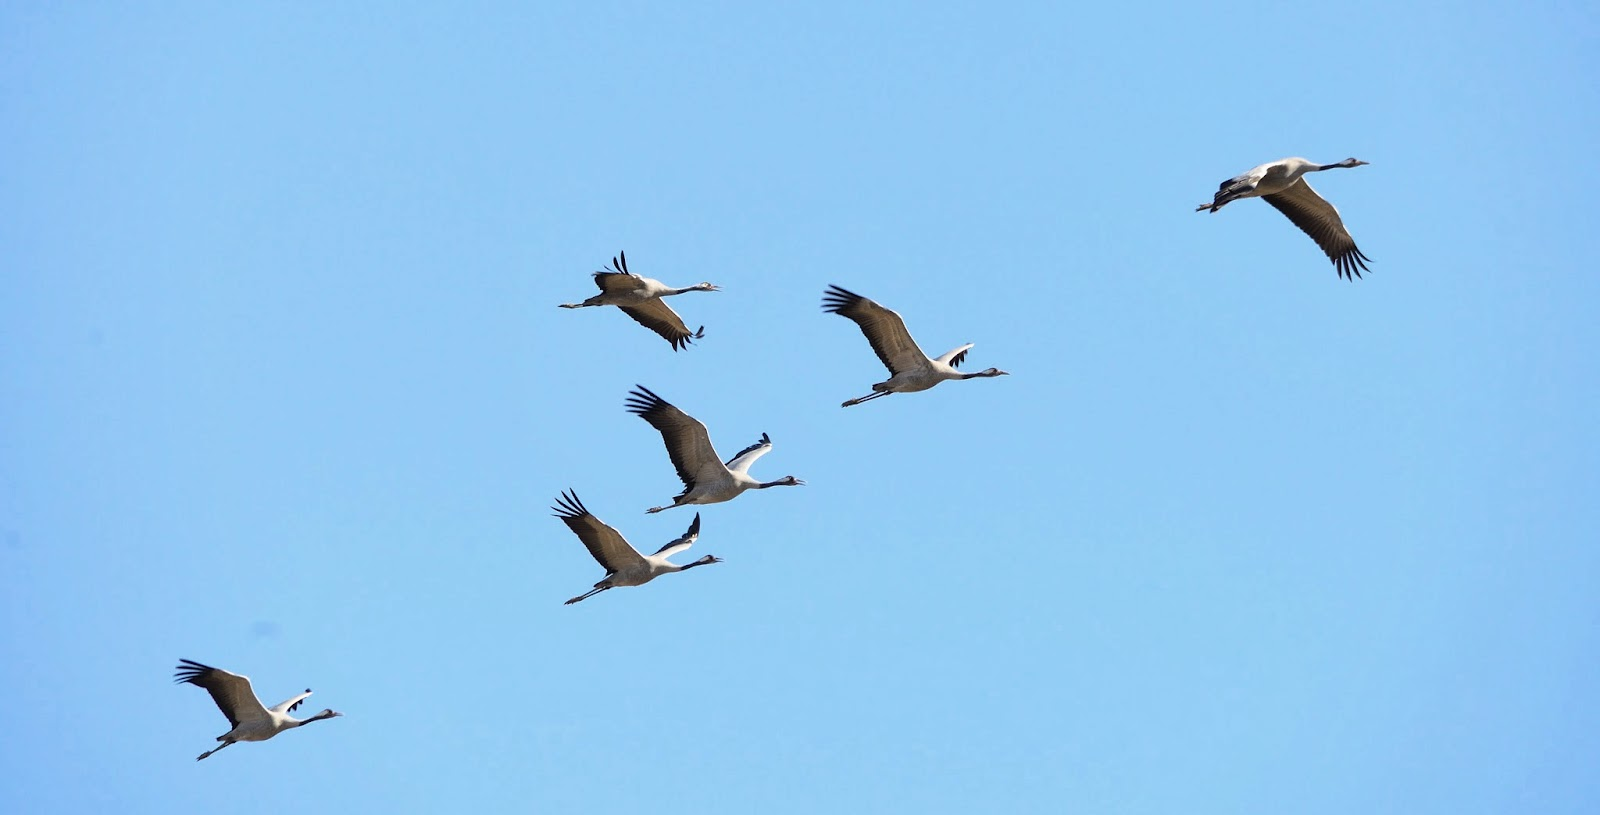 Excursión SEO/BirdLife a ZEPA del Alto Guadiato. Grullas